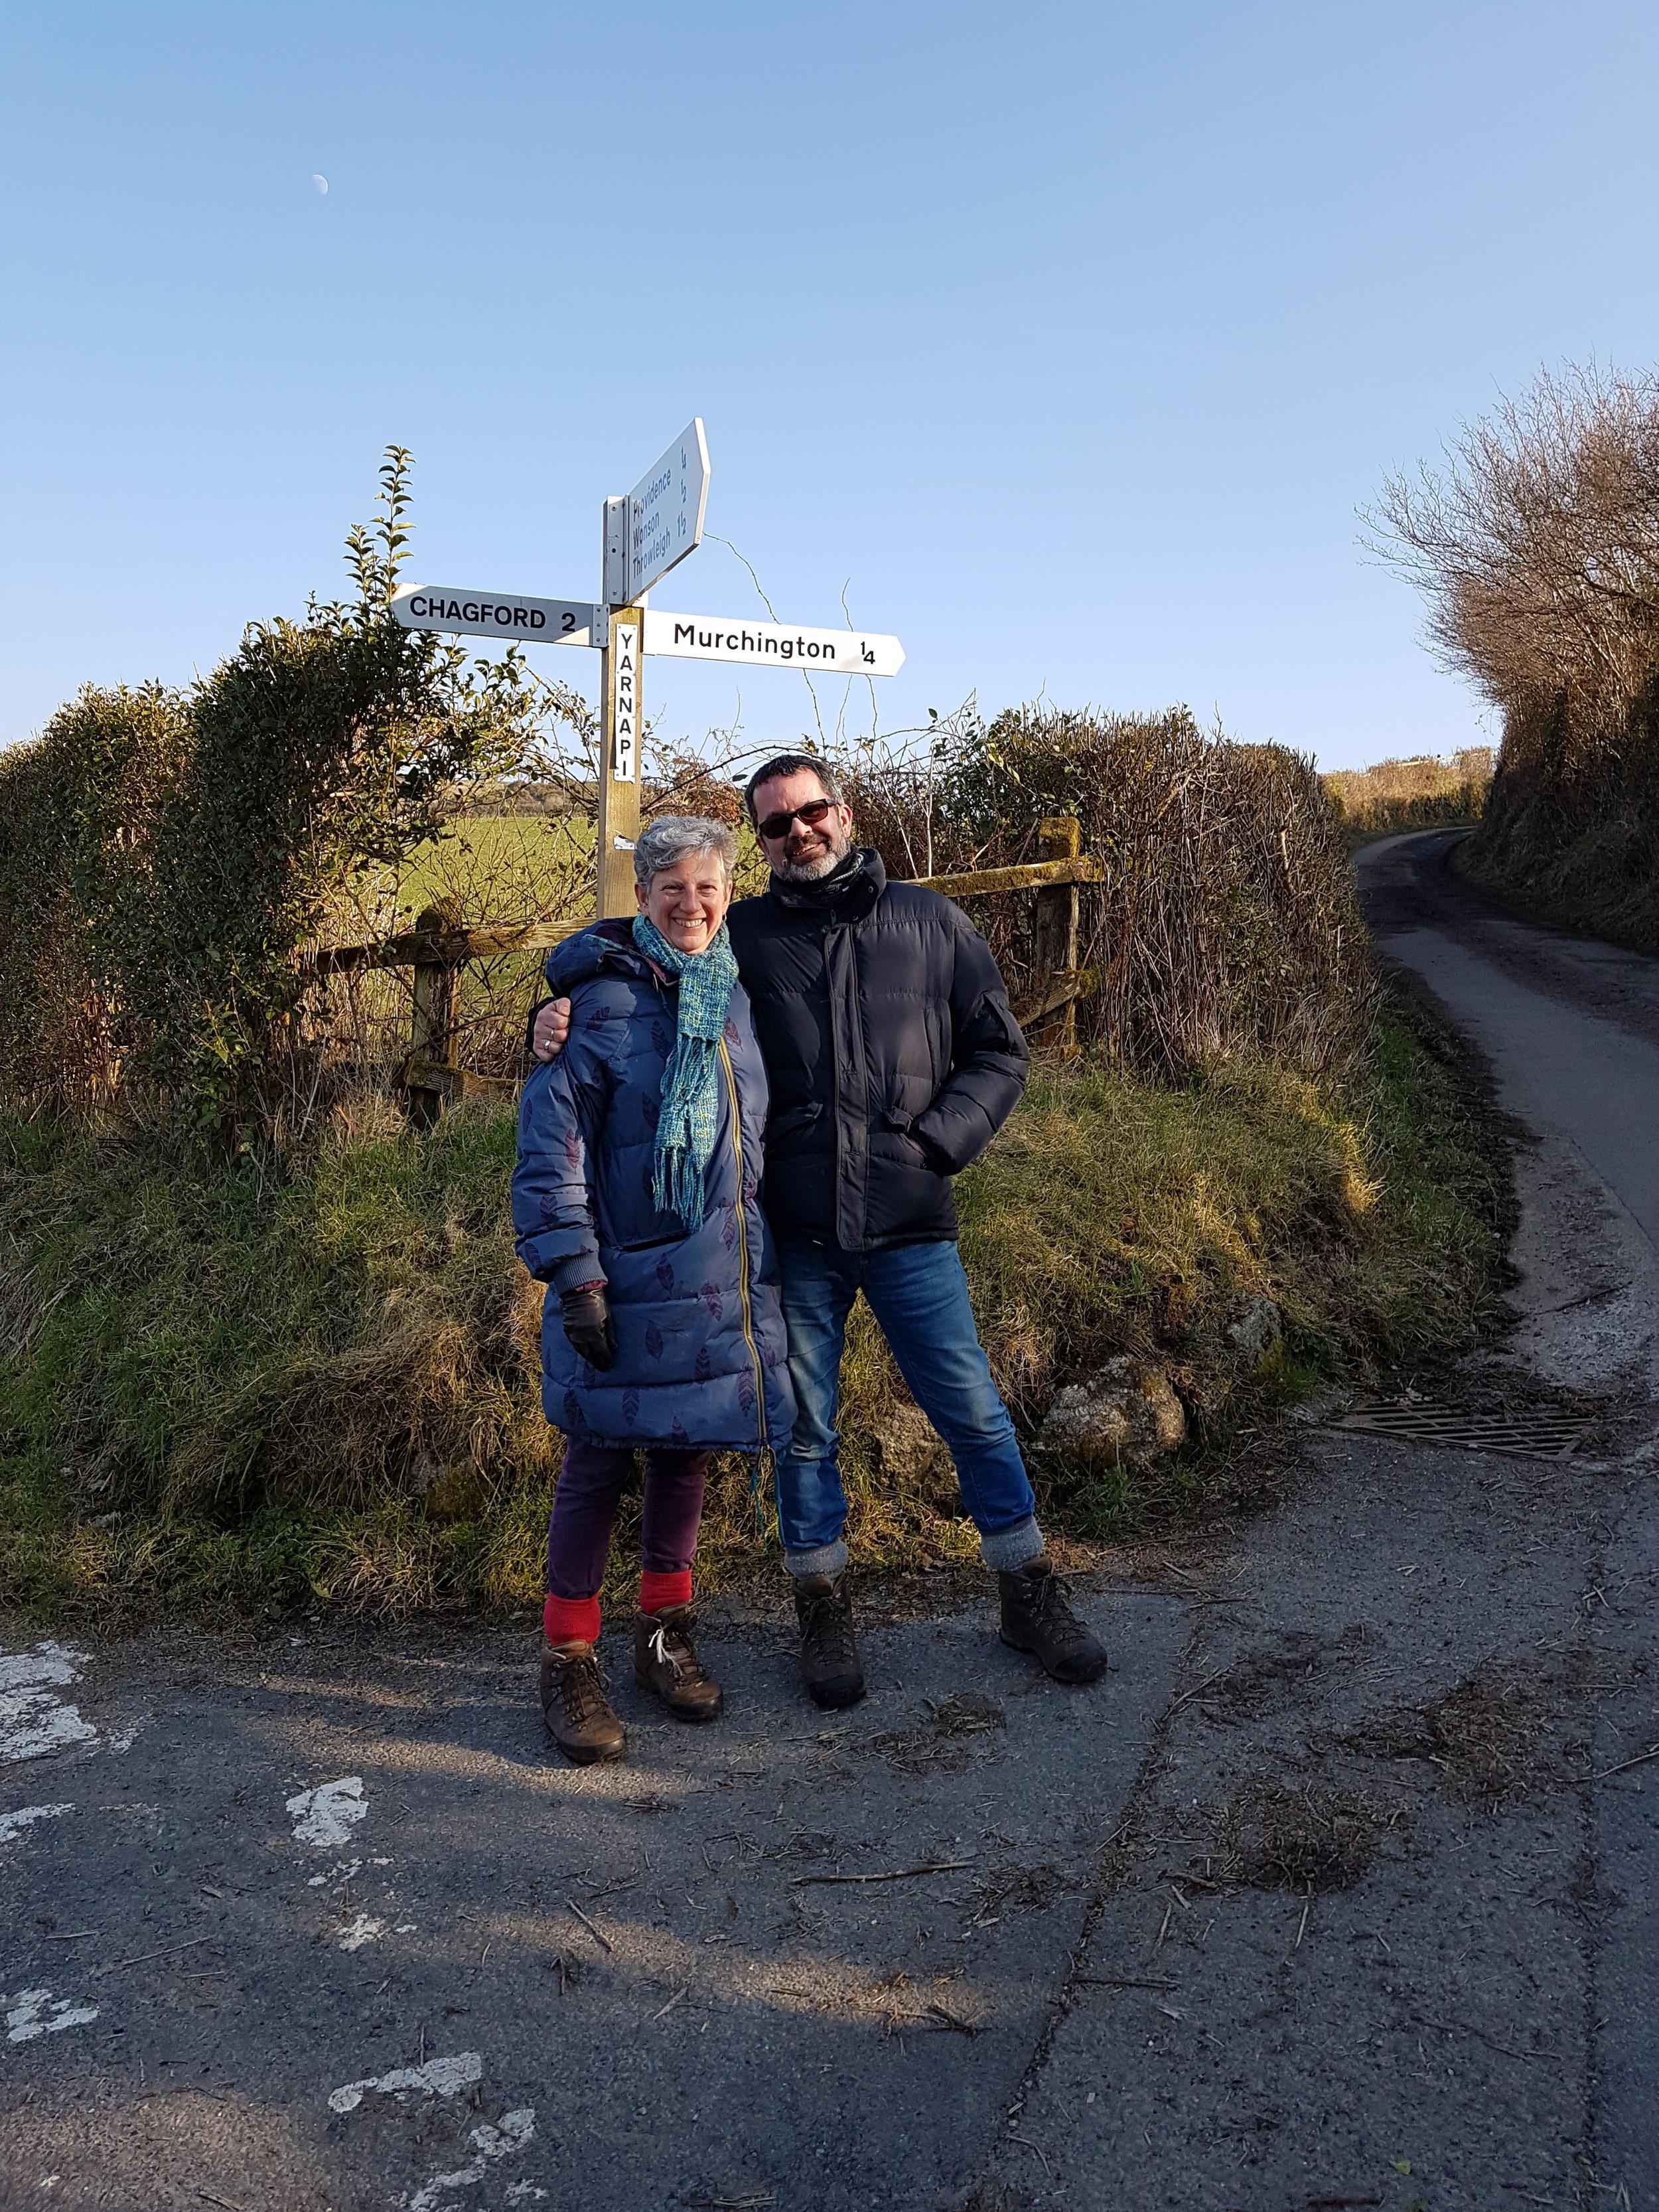 A February walk